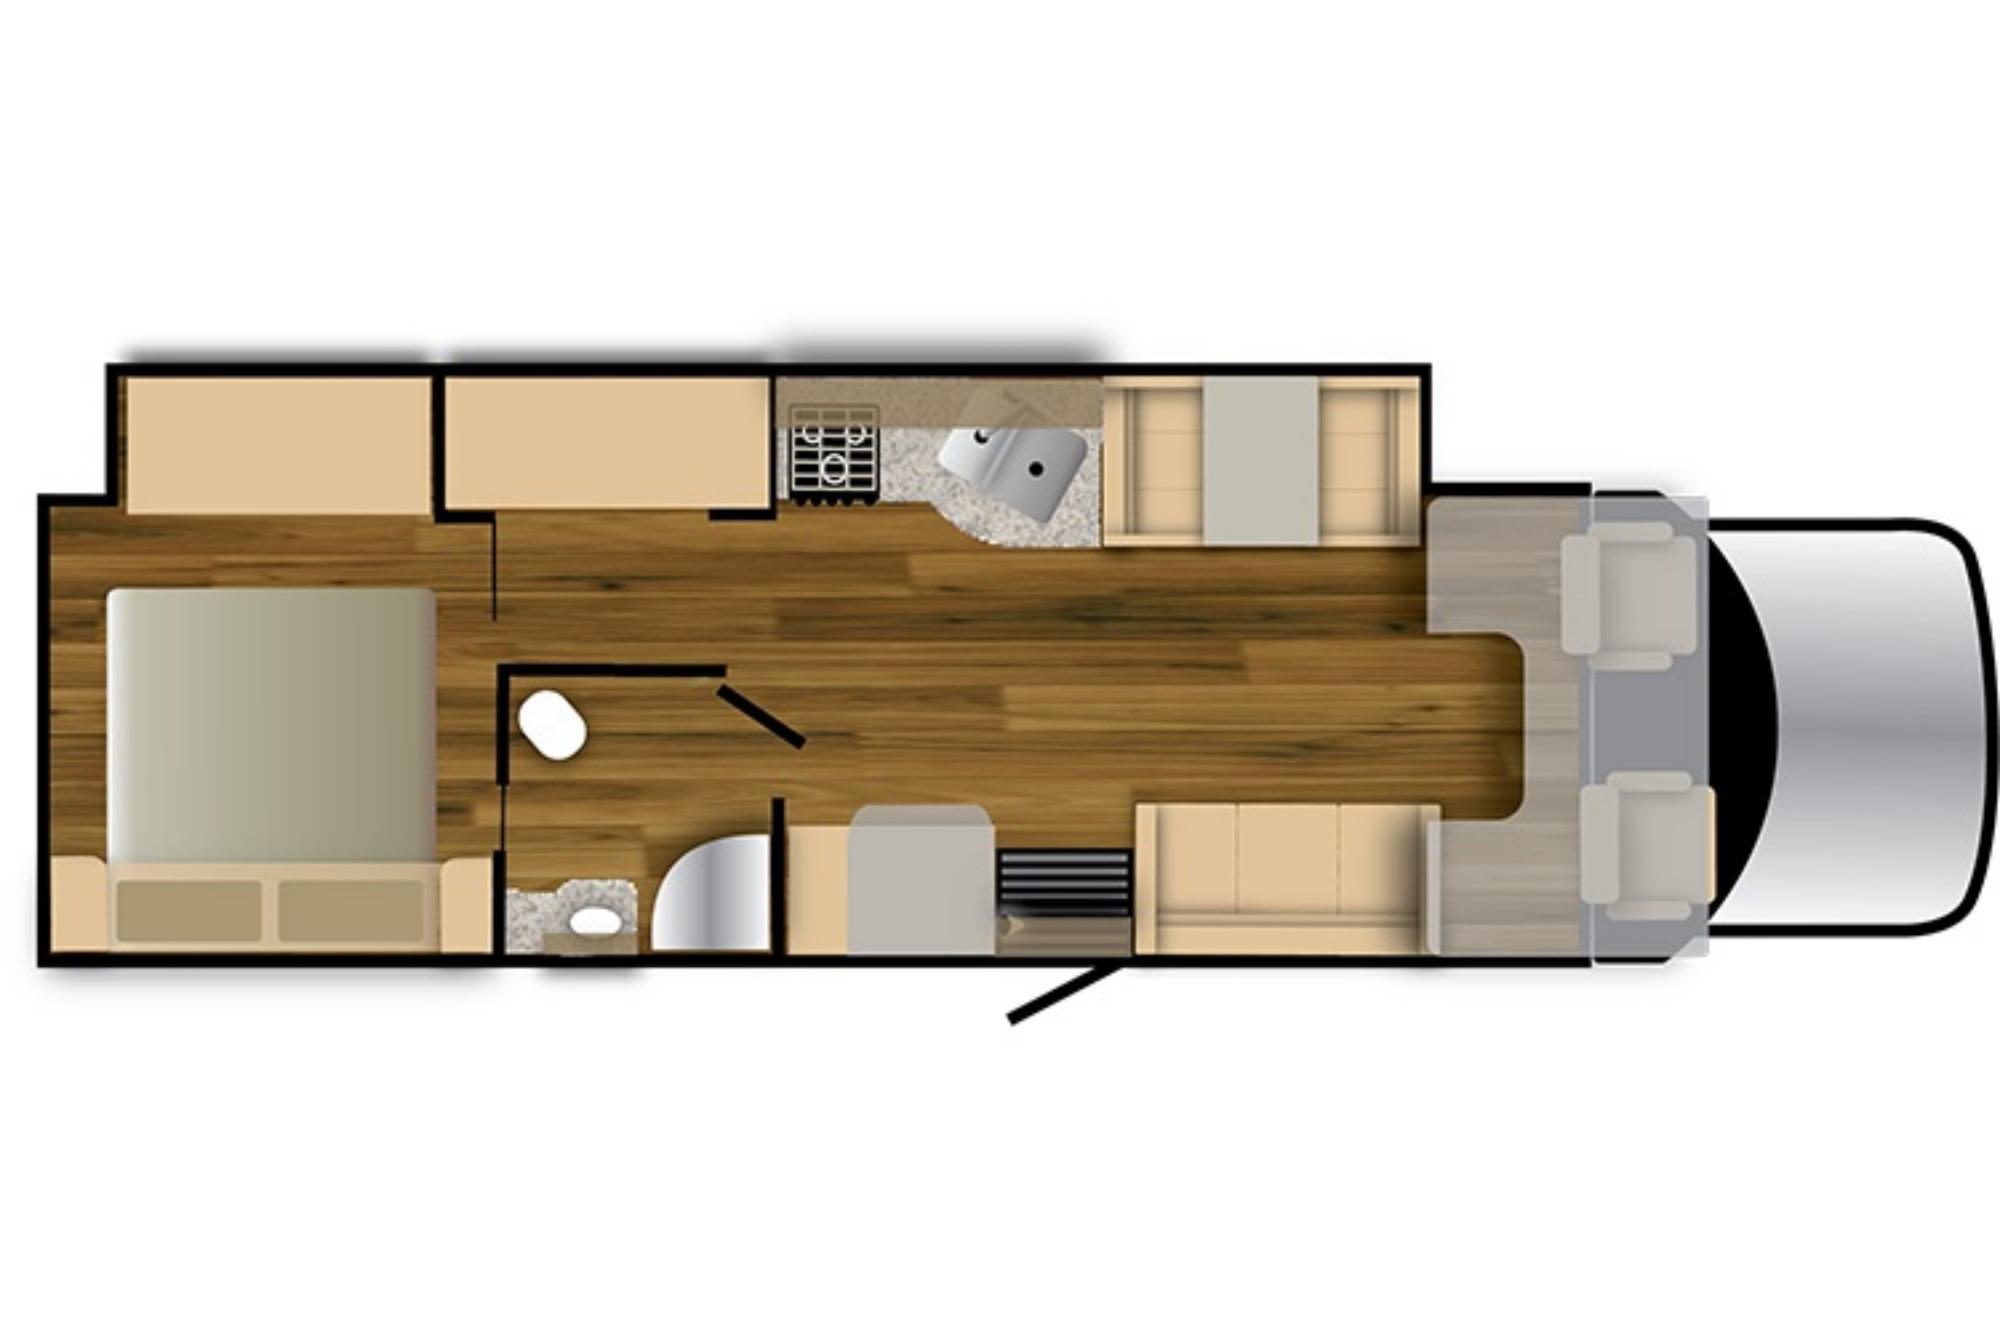 View Floor Plan for 2021 NEXUS RV REBEL 35R